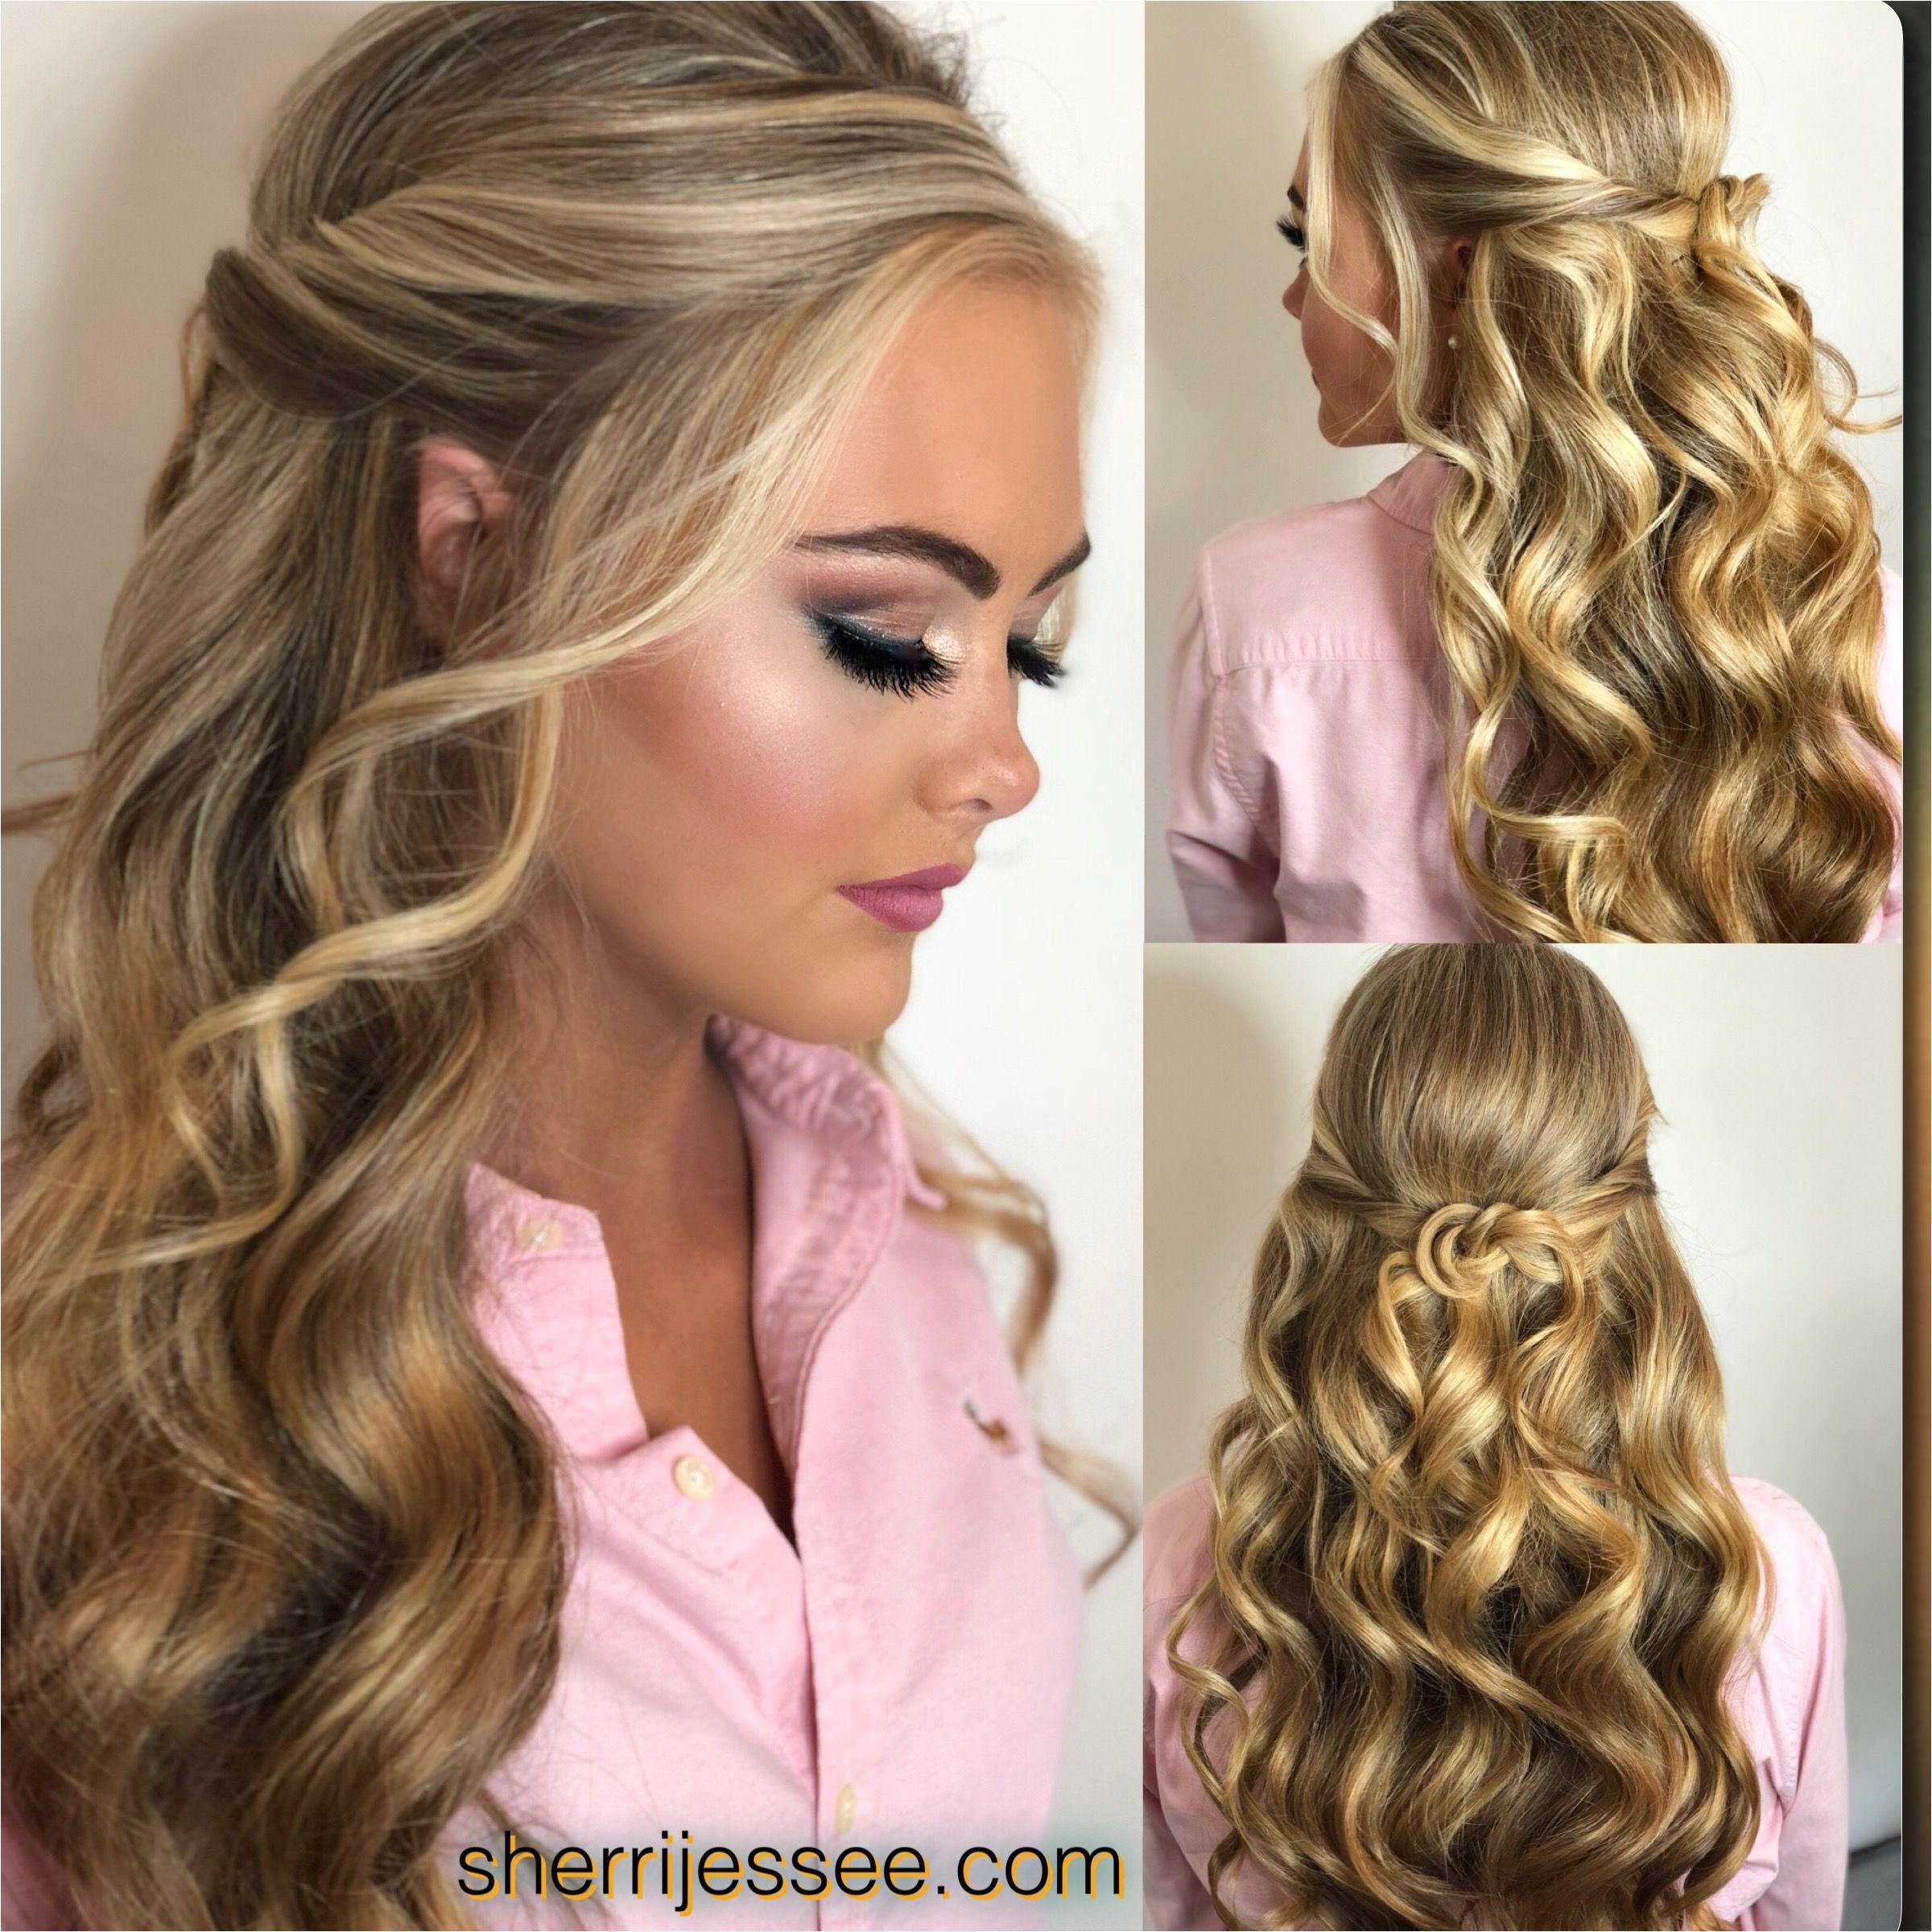 beautiful blonde halfup pageanthair beautifulmakeup promhair wavyhair curlyhair